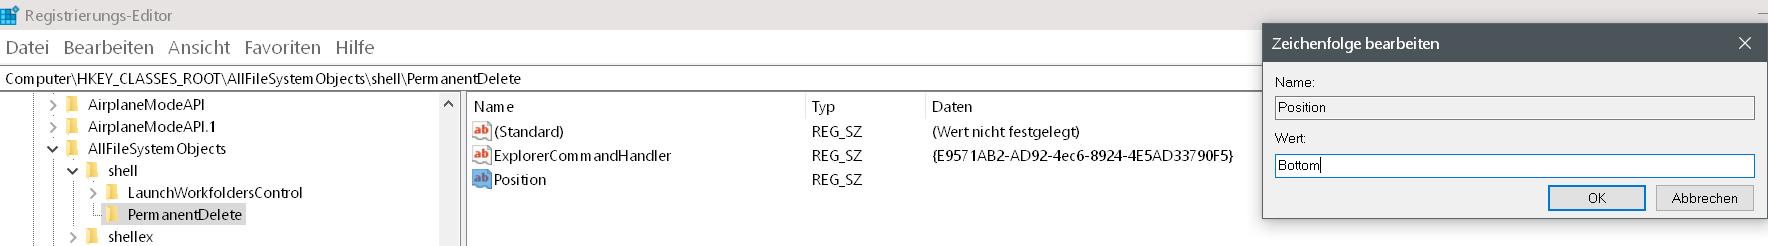 position wert bottom - Windows 10 Dateien endgültig löschen